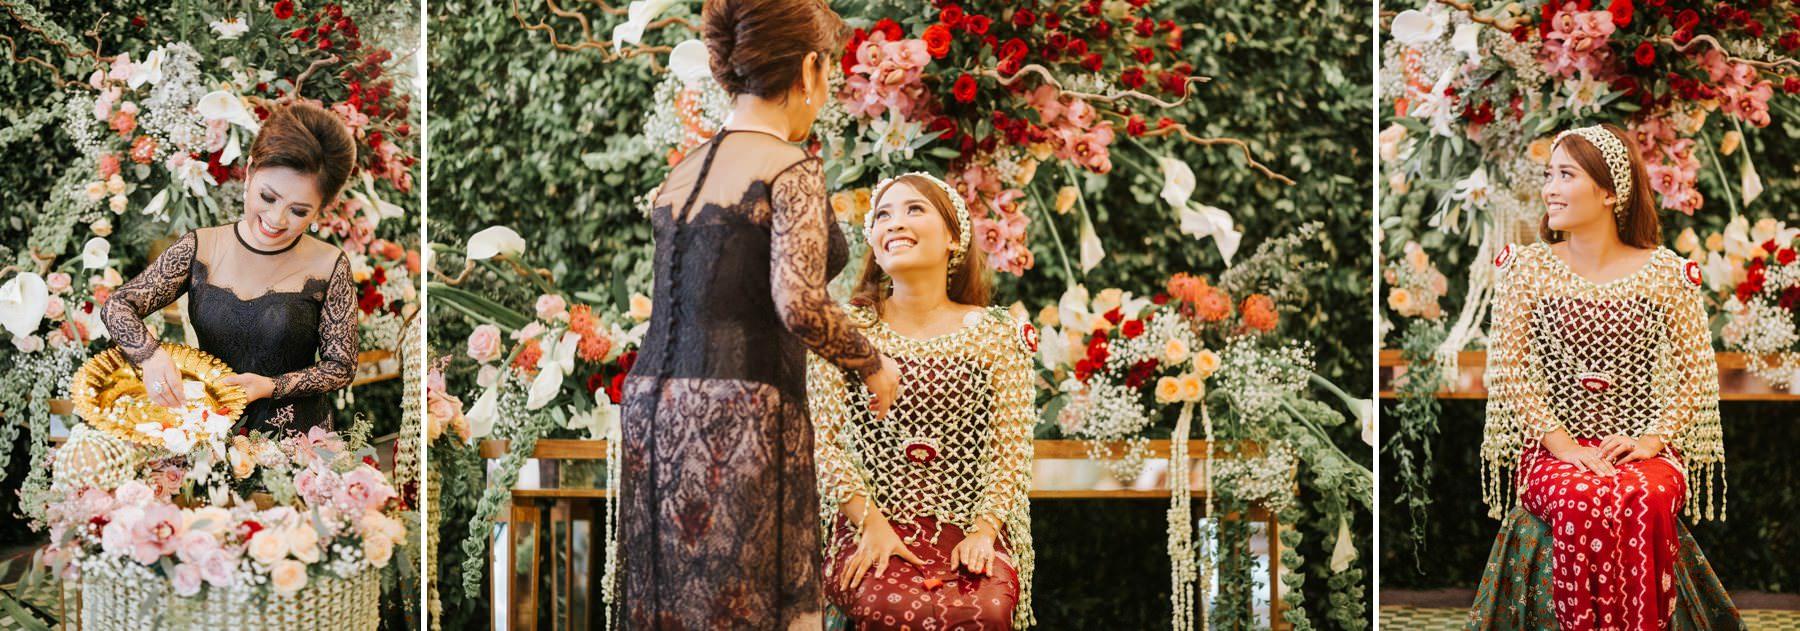 ritz_carlton_jakarta_wedding__0007